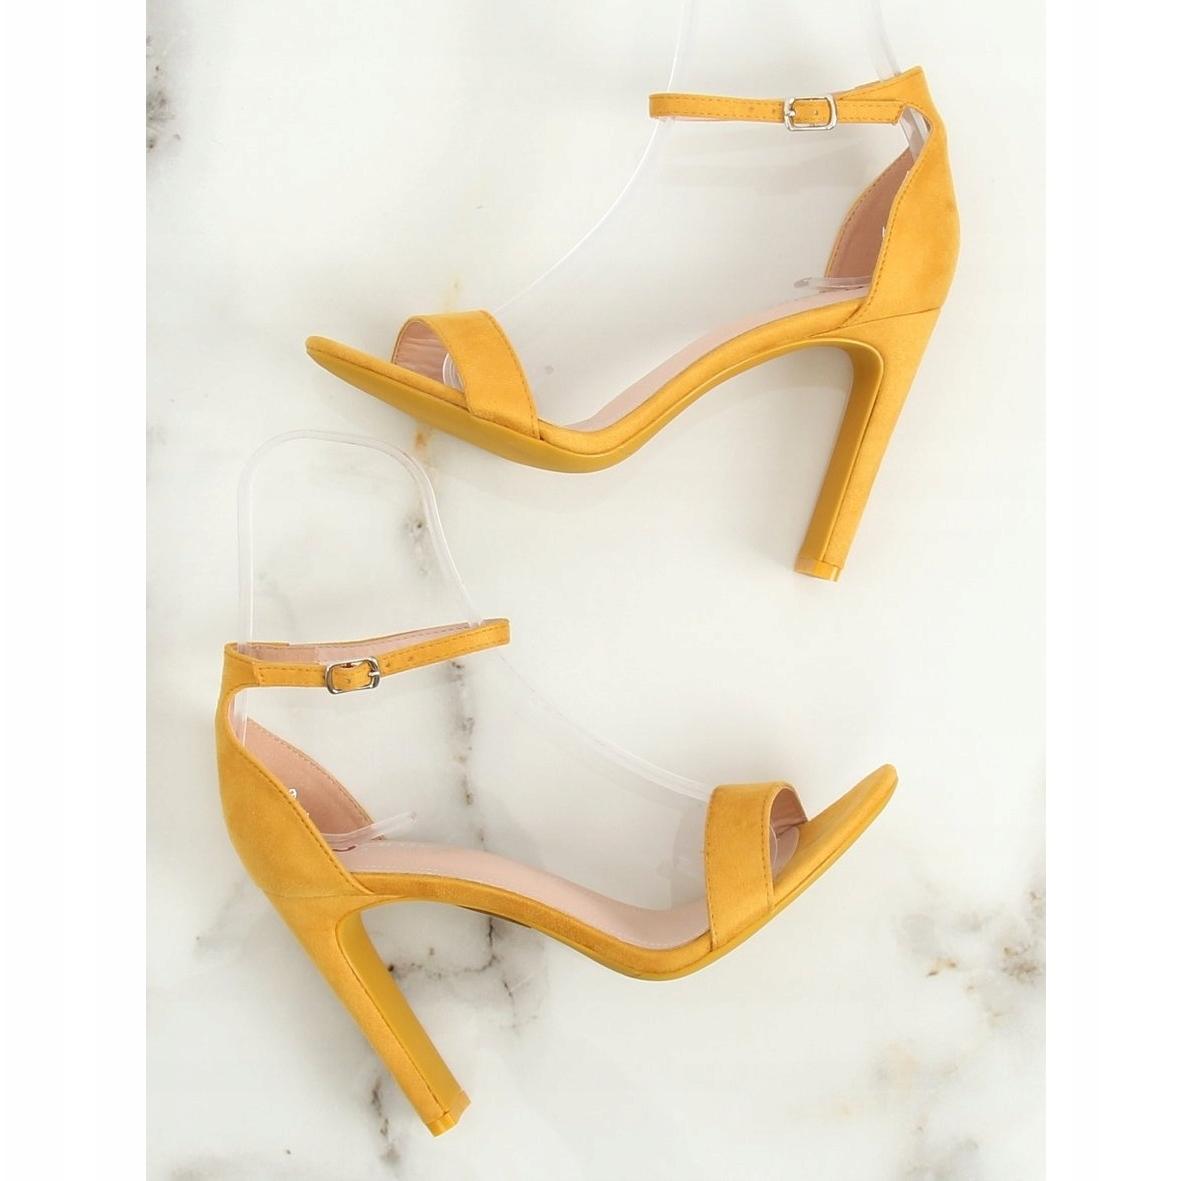 Nf Hohem Gelbe Gelb Sandaletten Absatz 37p Mit nXNw80PkO